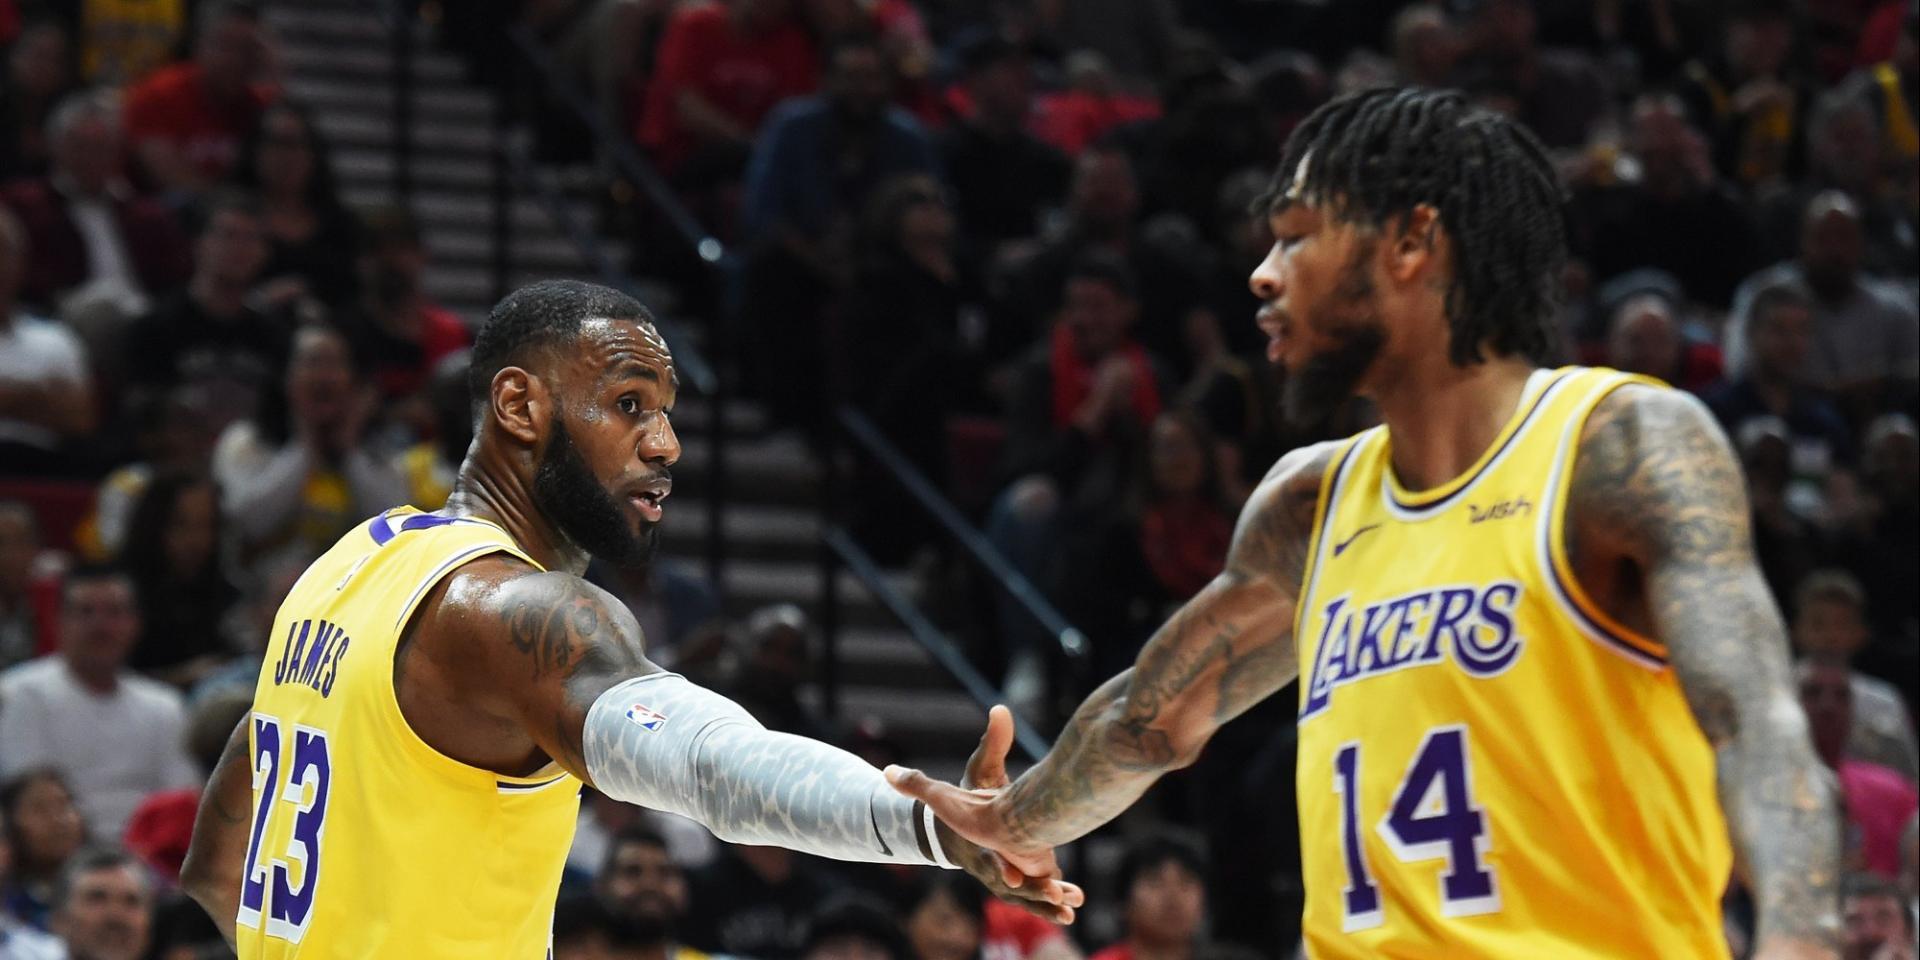 Selon la jeune star des Lakers, la franchise peut encore progresser même en n'incluant pas LeBron James